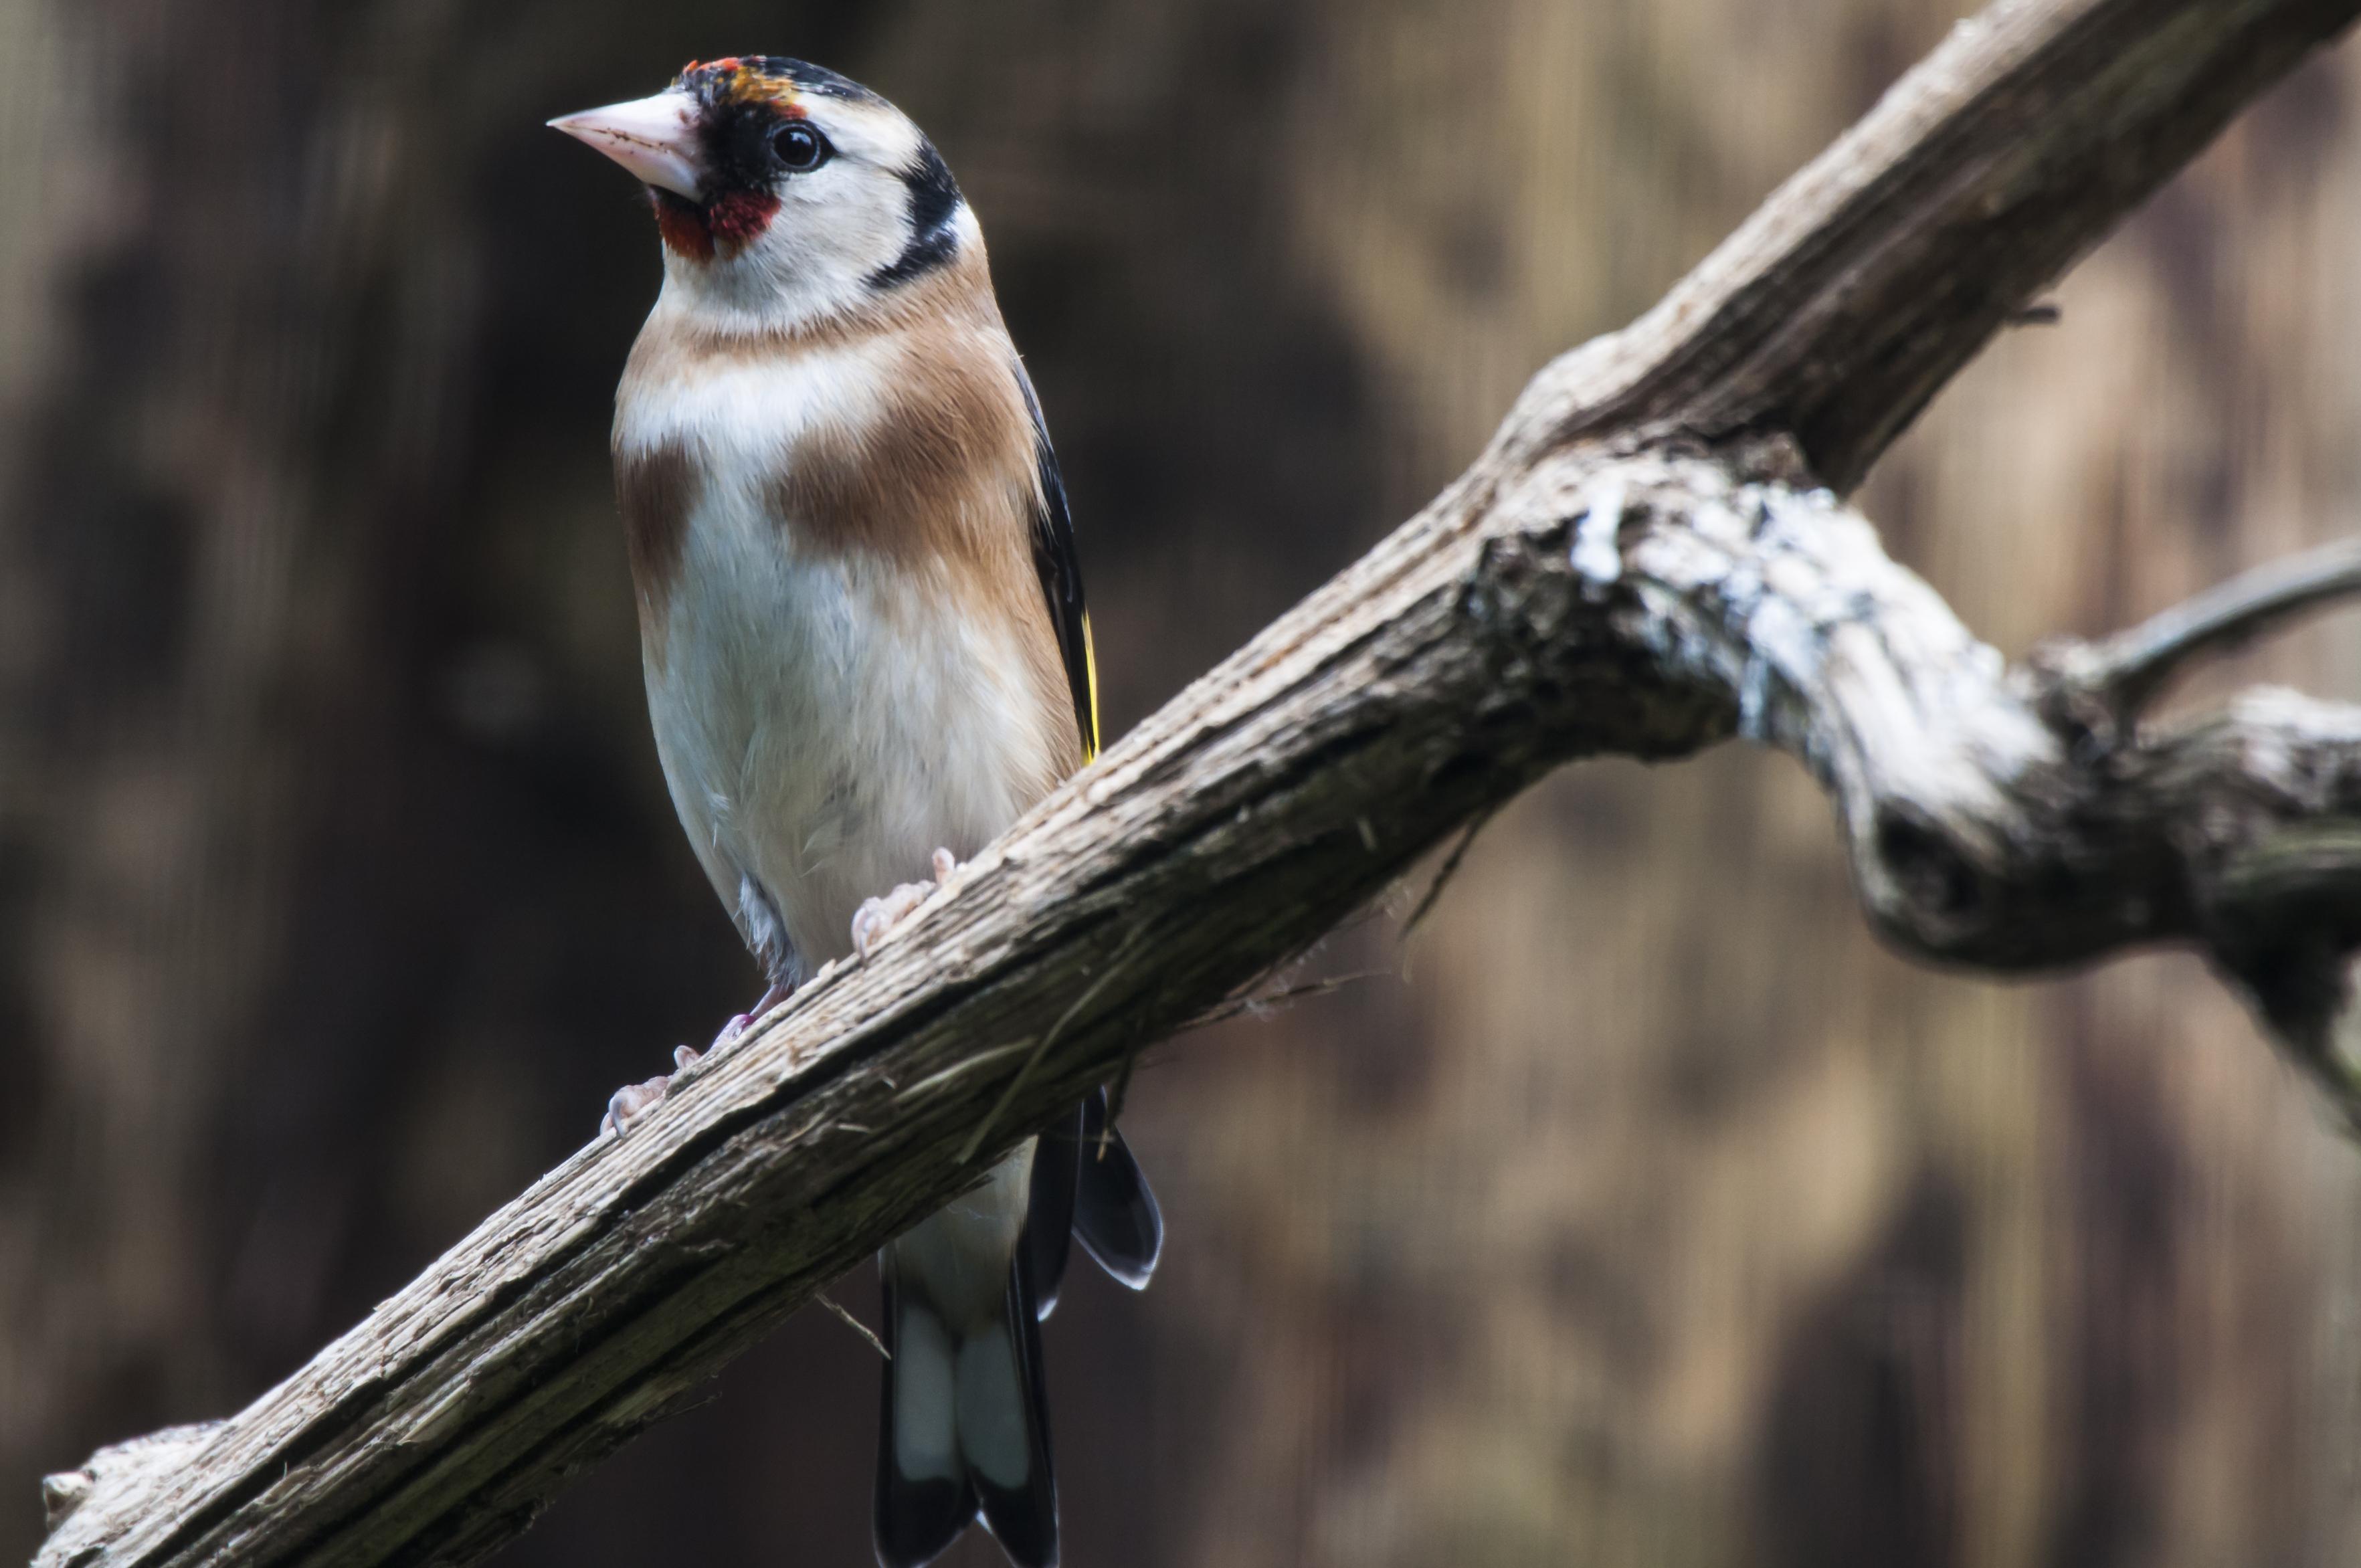 Vögel beobachten – Kurs für Einsteigende 2022